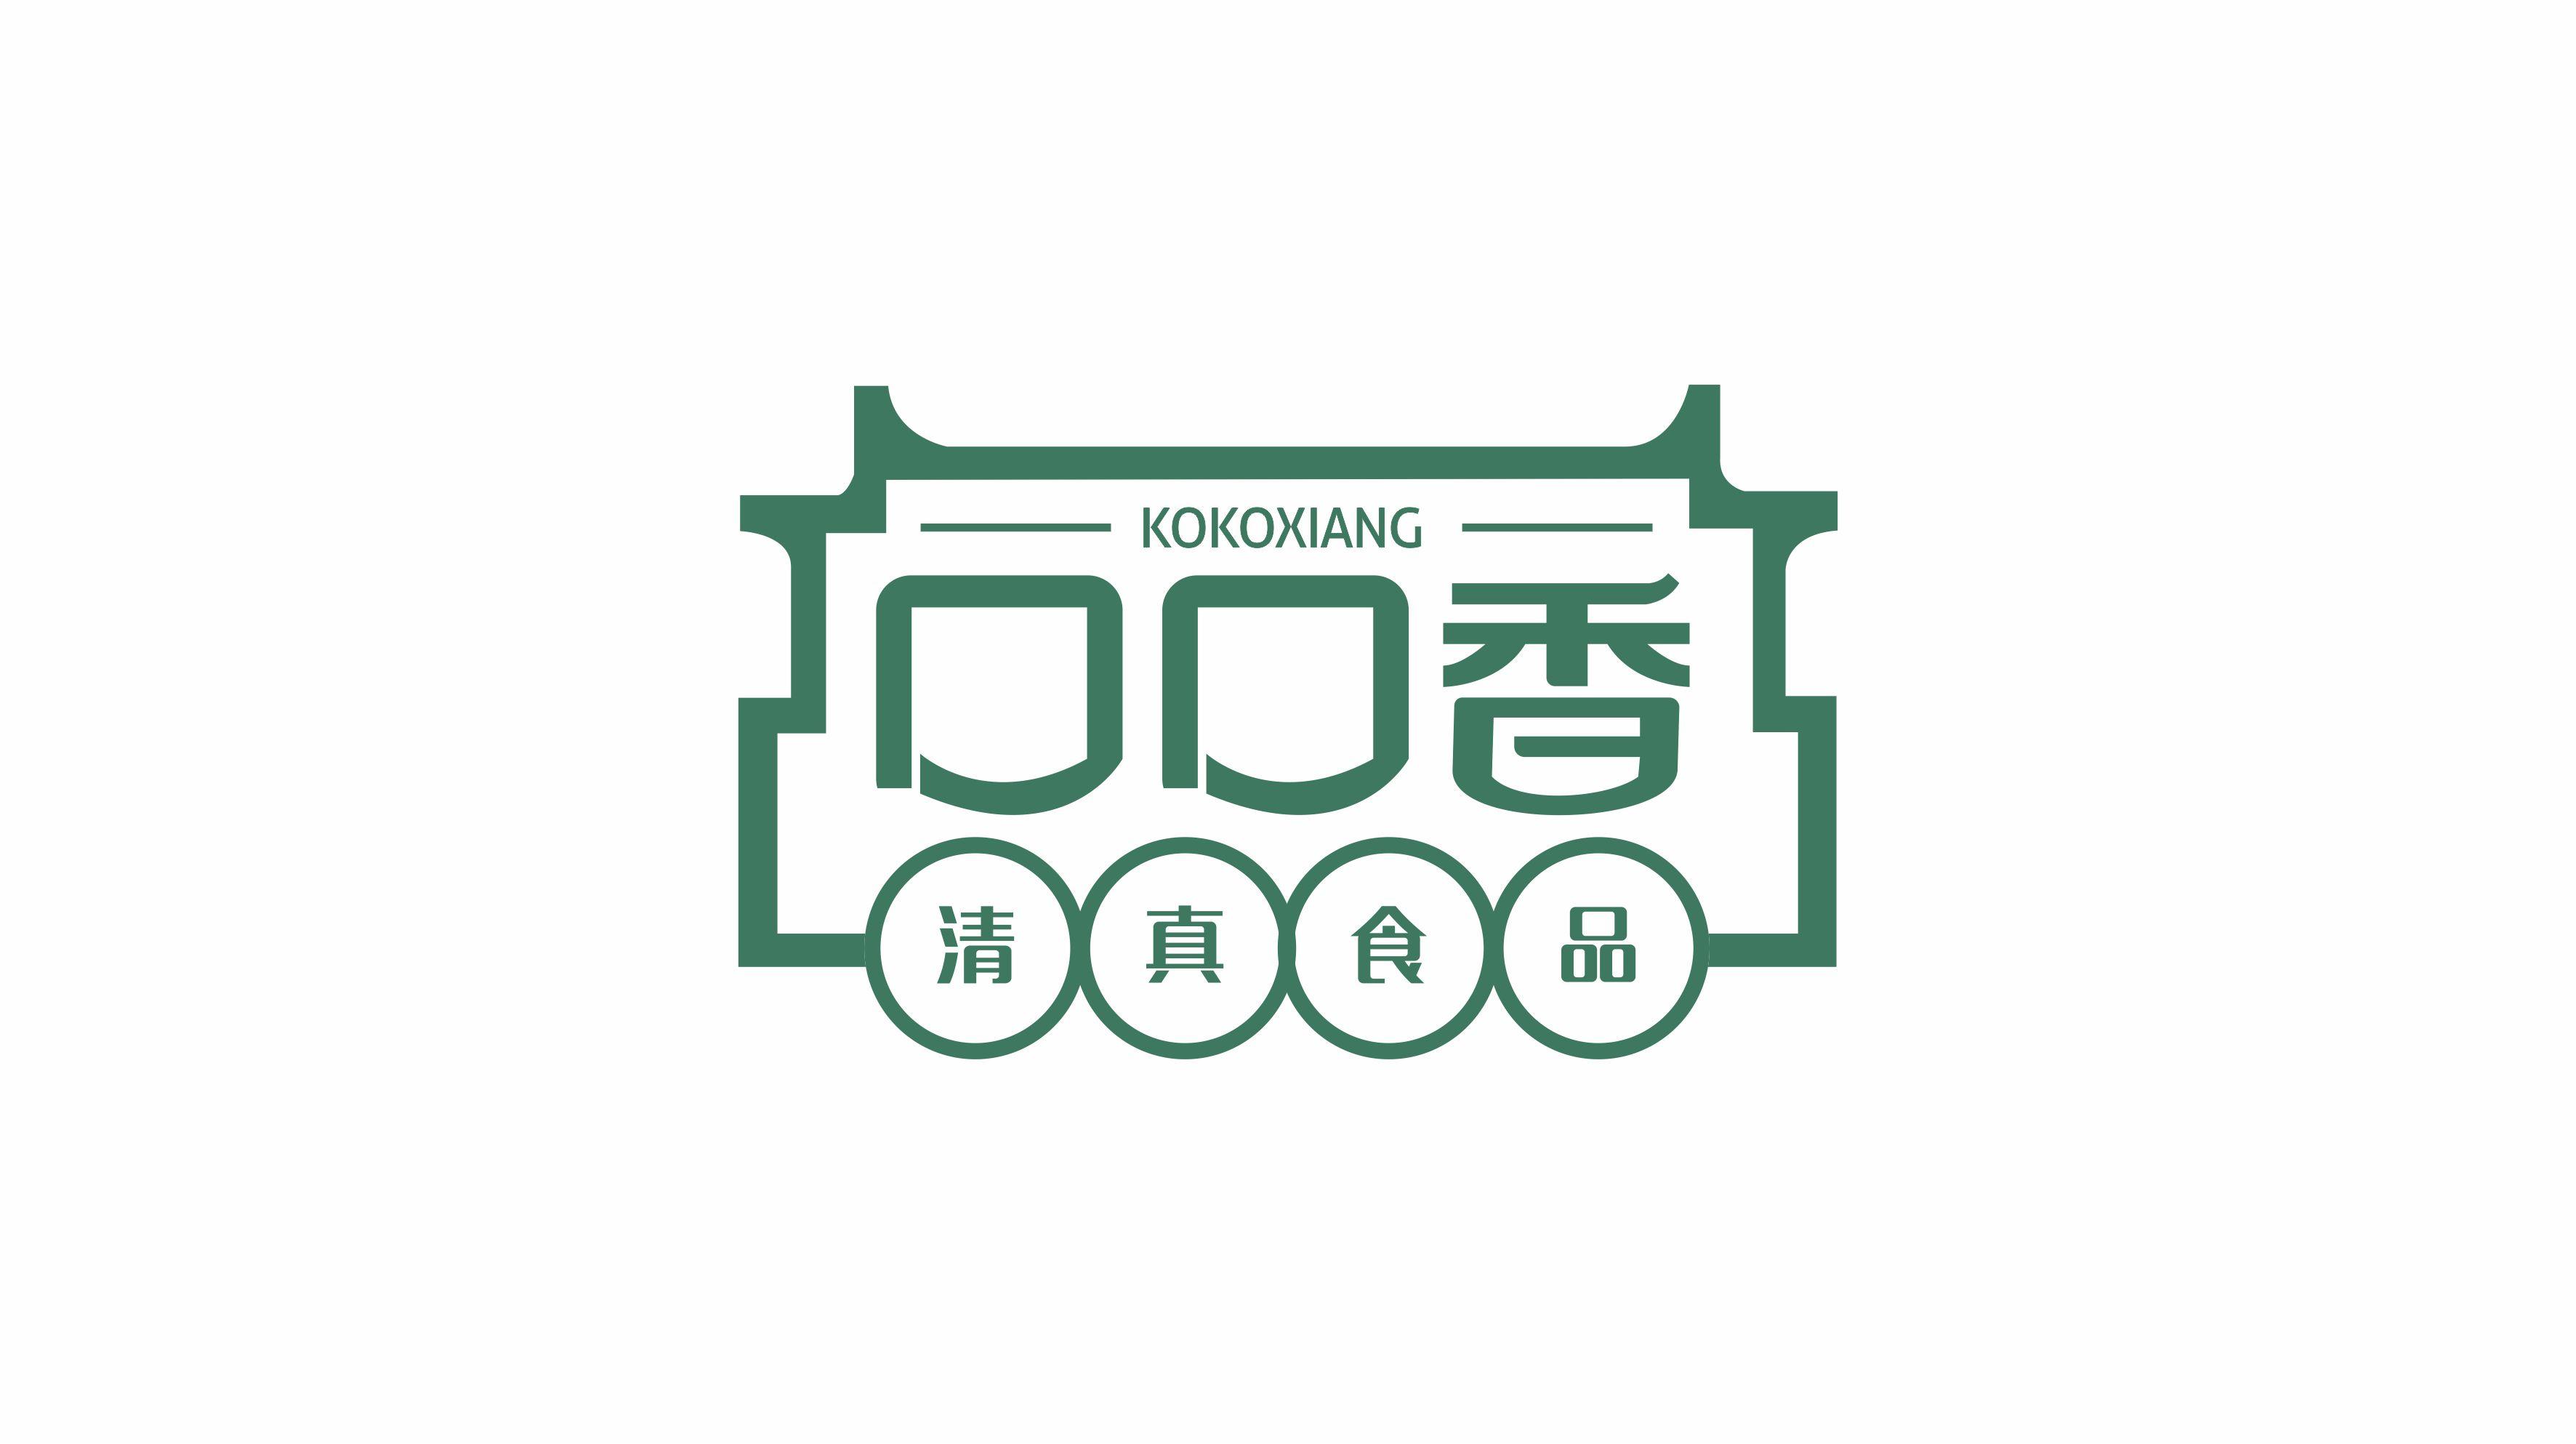 洛阳口口香清真食品有限公司LOGO设计 经营介绍:成立于2003年,位于河南省洛阳市瀍河回族区中信大道8号。主营植物香辛料加工和食用菌分装,主要产品有:黑木耳、花椒、八角、辣椒、桂皮、花椒粉、胡椒粉、辣椒粉等, 目前已经注册商标:河洛一品香、金家老磨房。 设计要求: 1、简洁、大气、有质感; 2、新颖有记忆点,醒目易识别,根据公司经营产品进行构思; 3、请附上创意说明。 知识产权说明: 1、所设计的作品为原创,为第一次发布,未侵犯他人的着作权,如有侵犯他人着作权,由设计者承担所有法律责任; 2、中标的设计